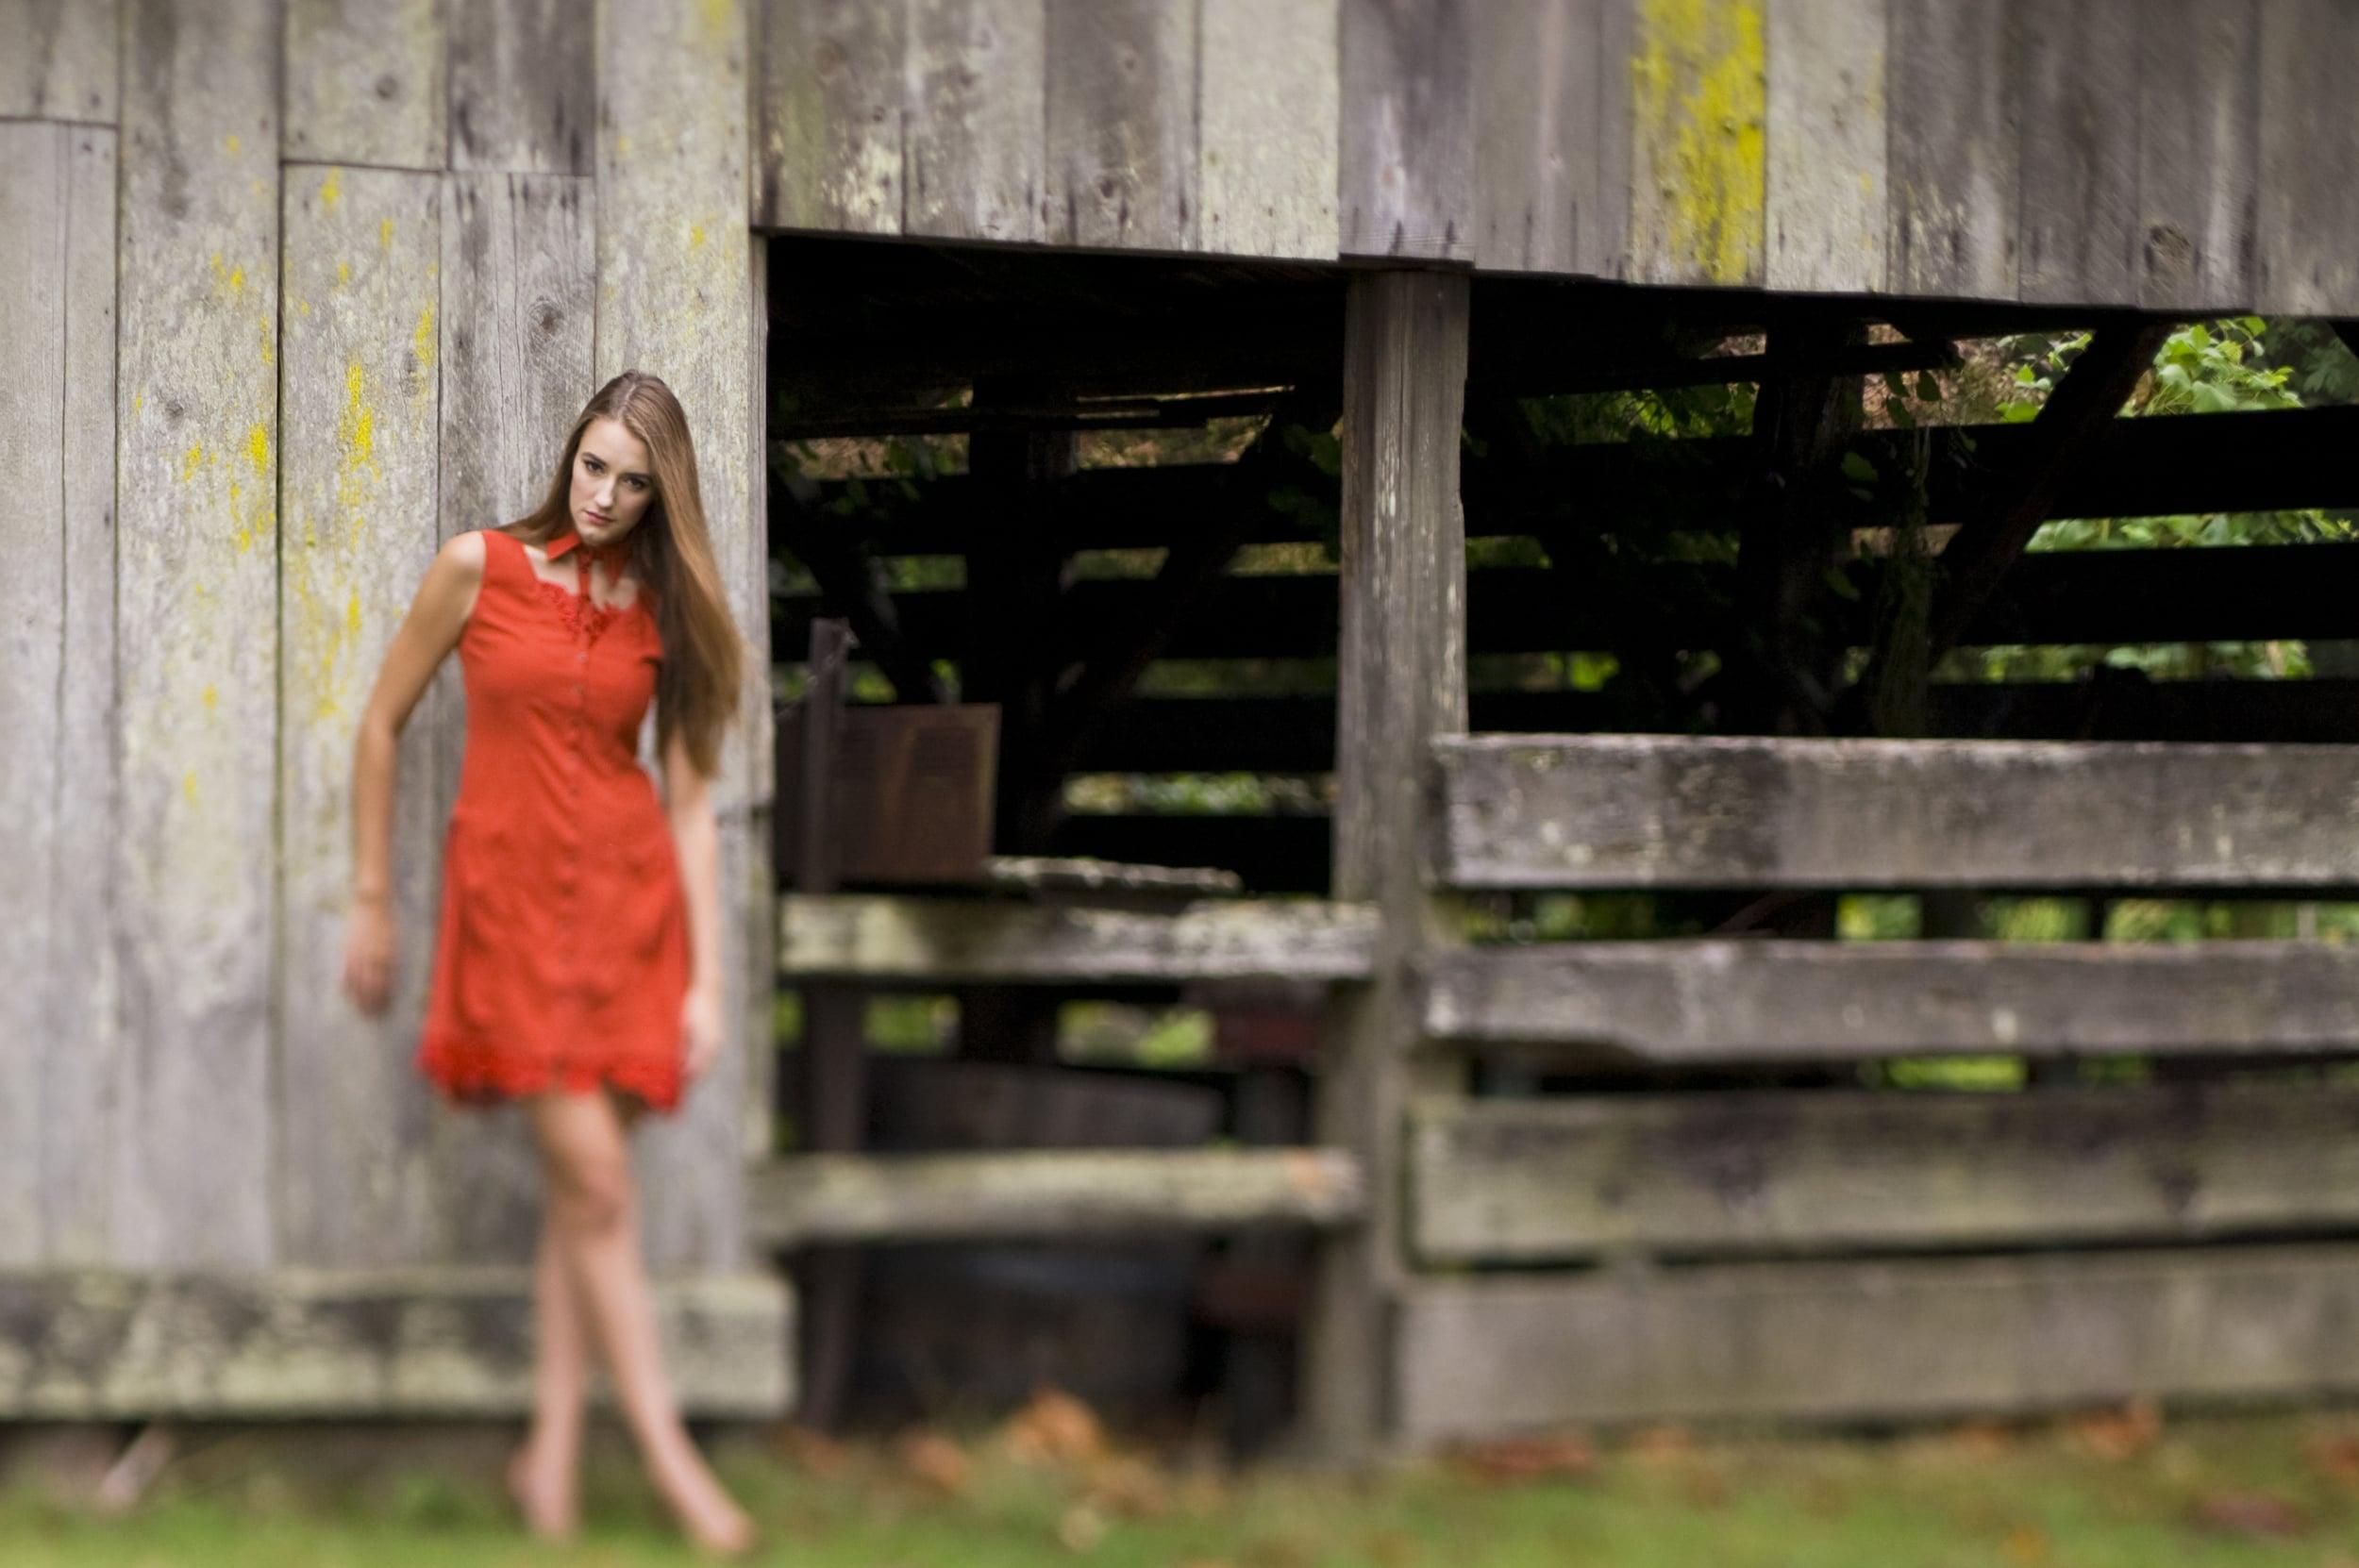 little_red_dress4.jpg